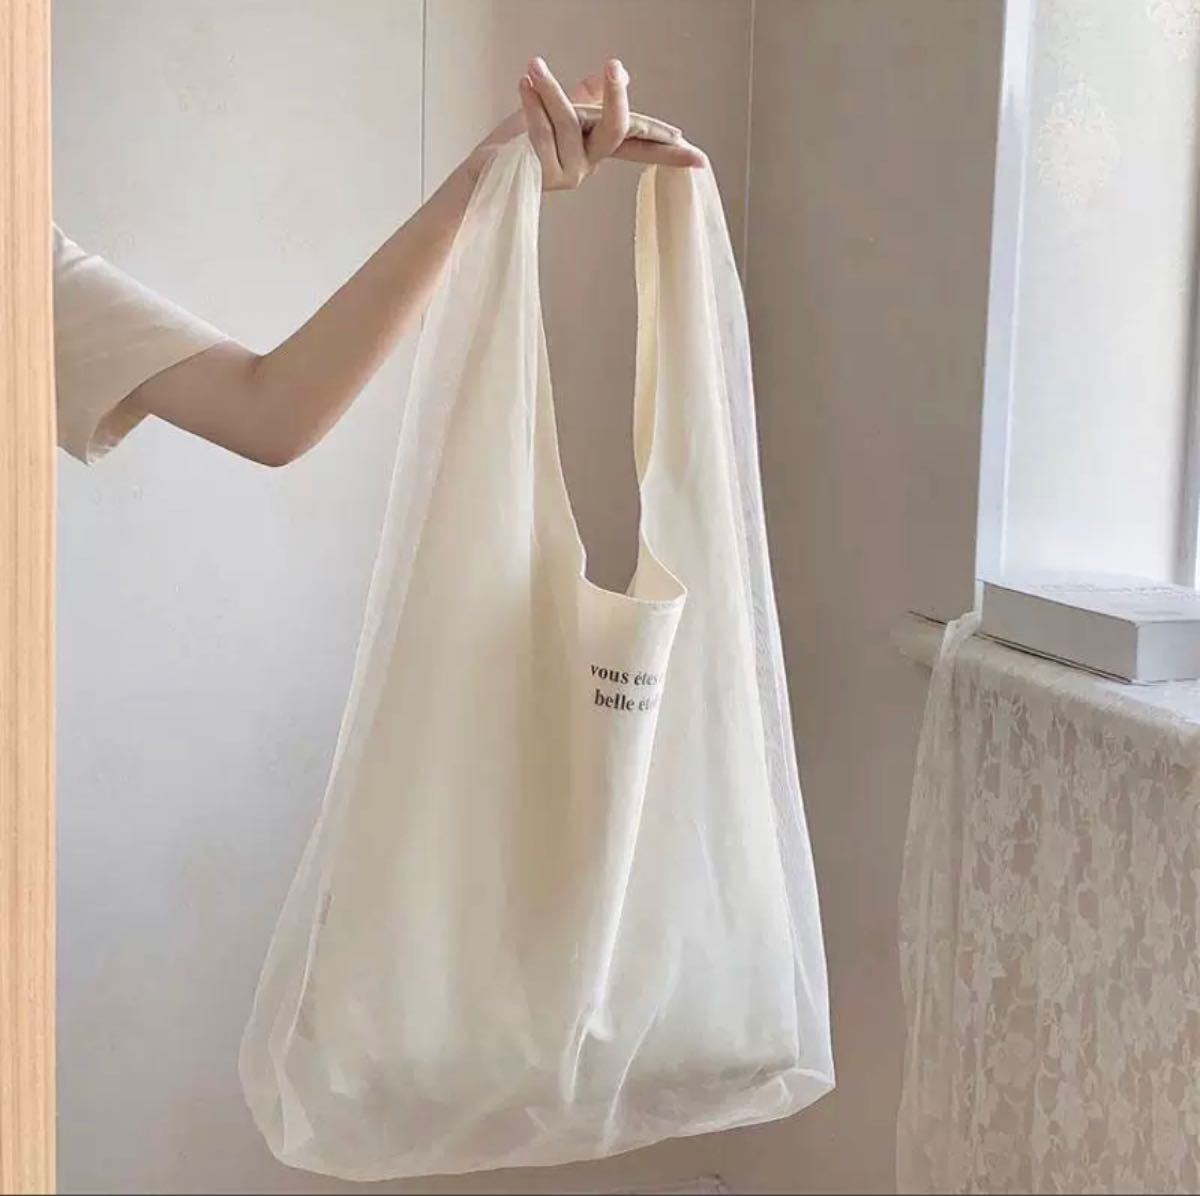 エコバッグ レーストートバッグ 買い物袋・ショッピングバッグ 韓国ファッション ハンモックバッグ 折り畳みバッグ